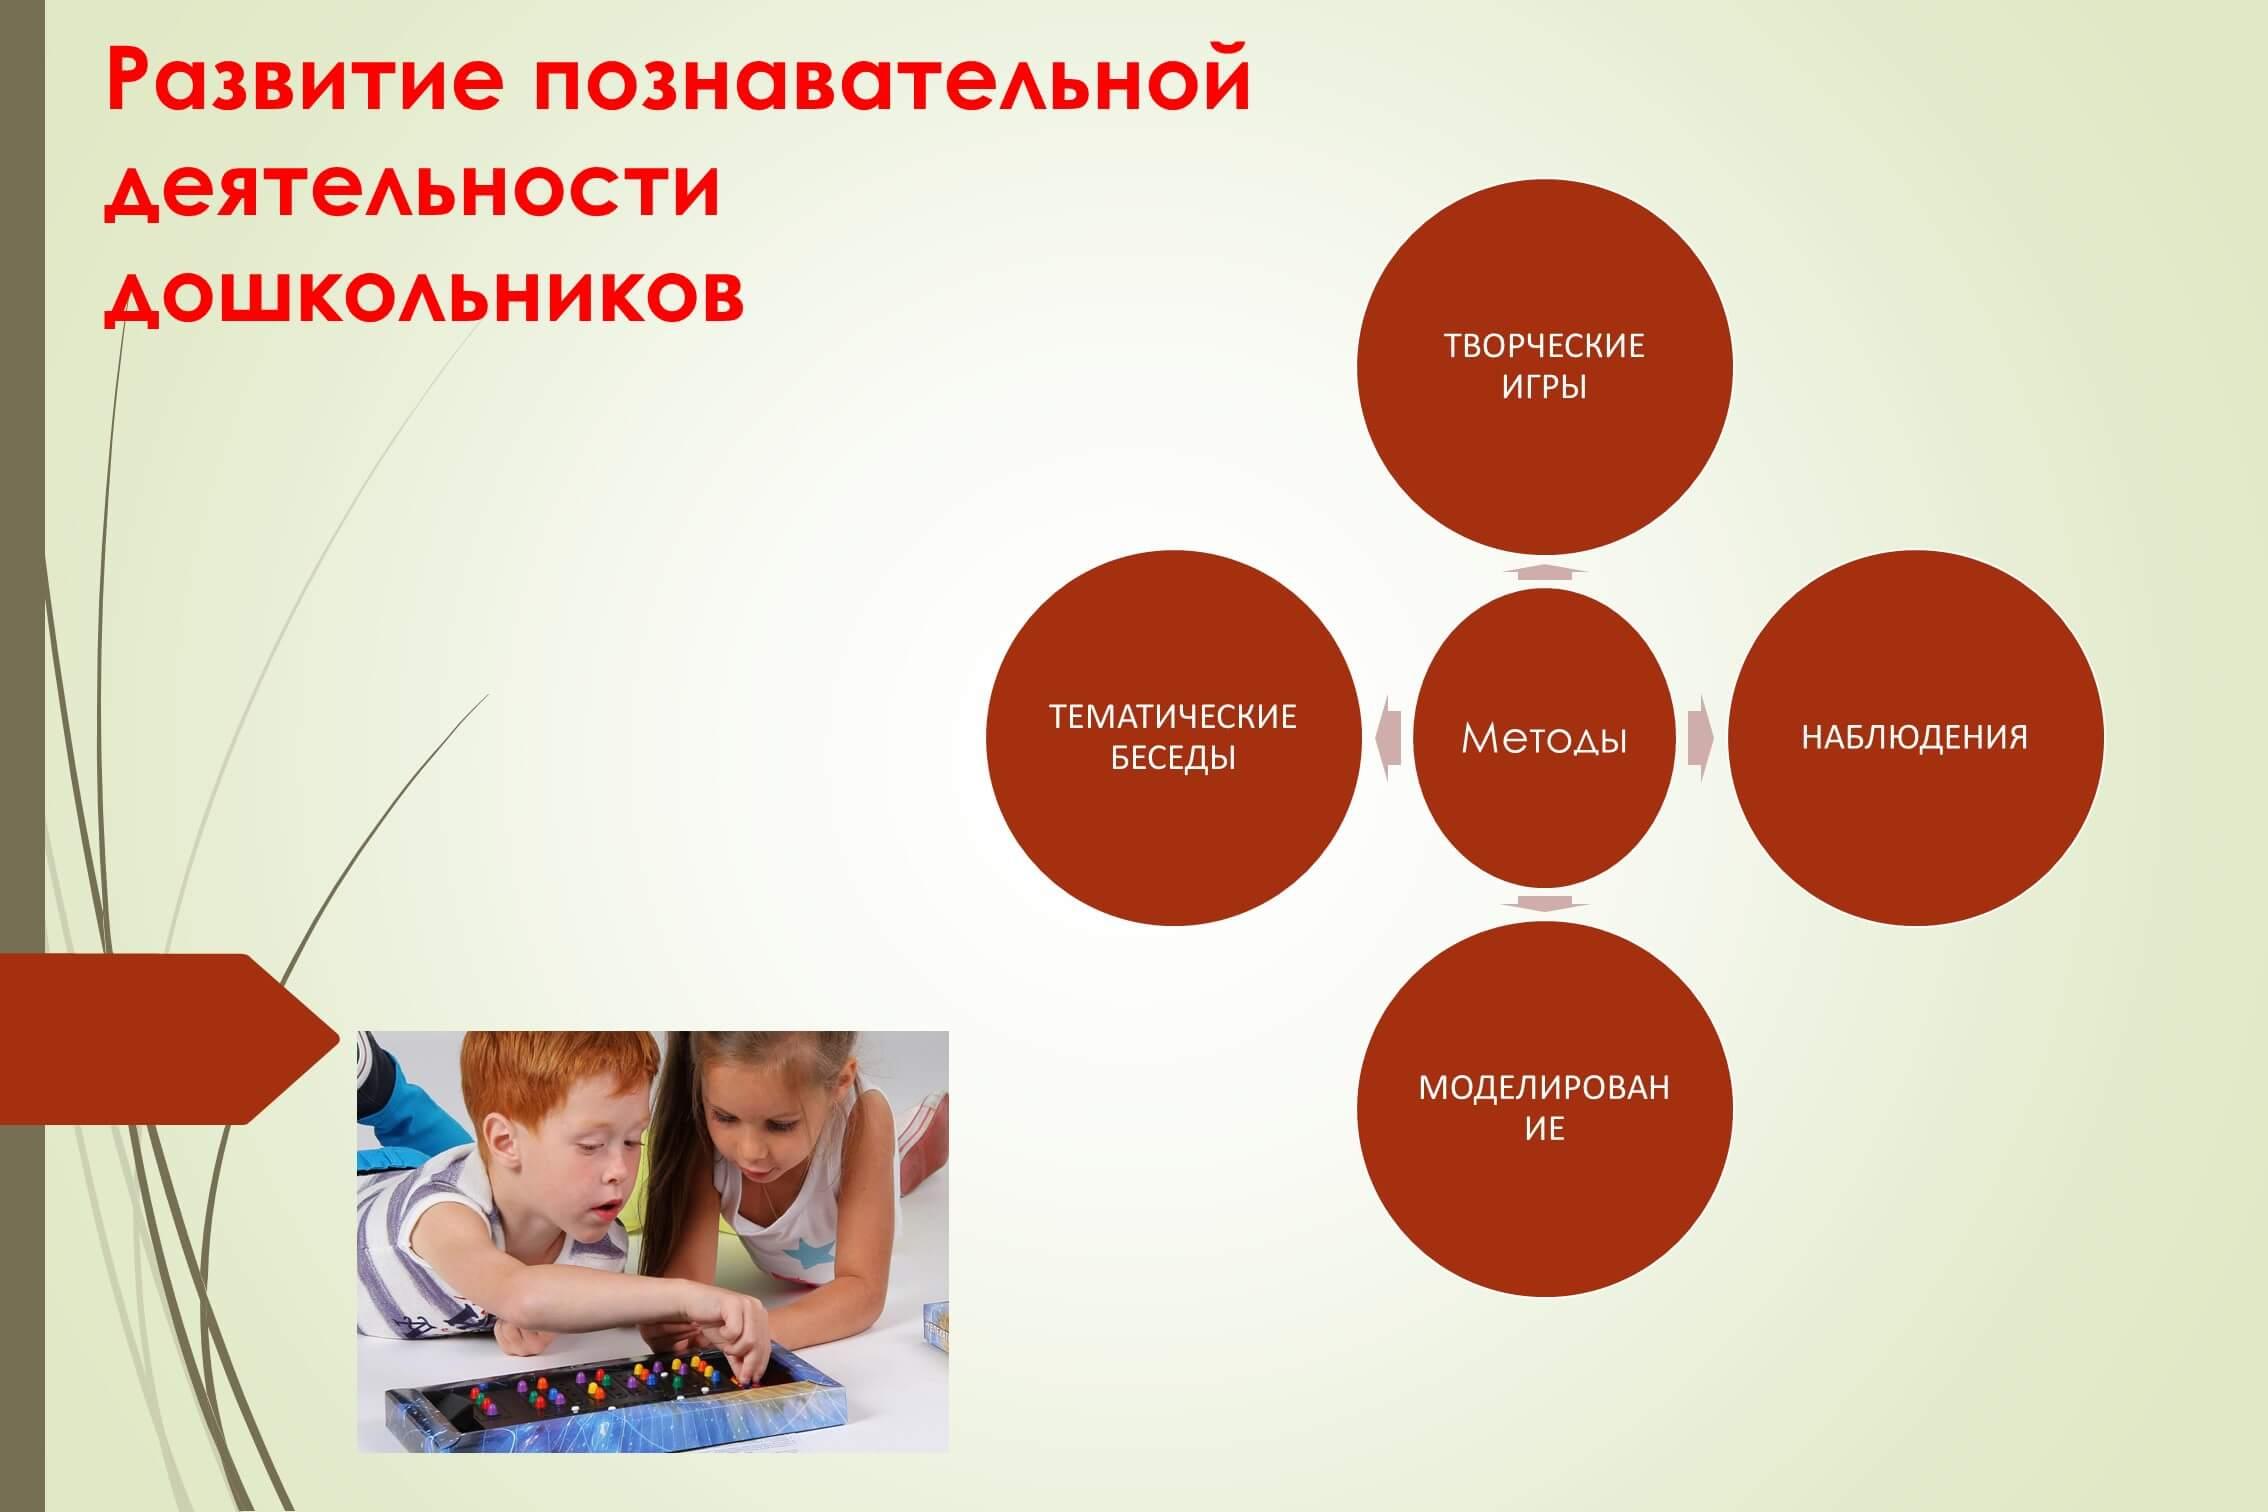 Методы развития познавательной деятельности